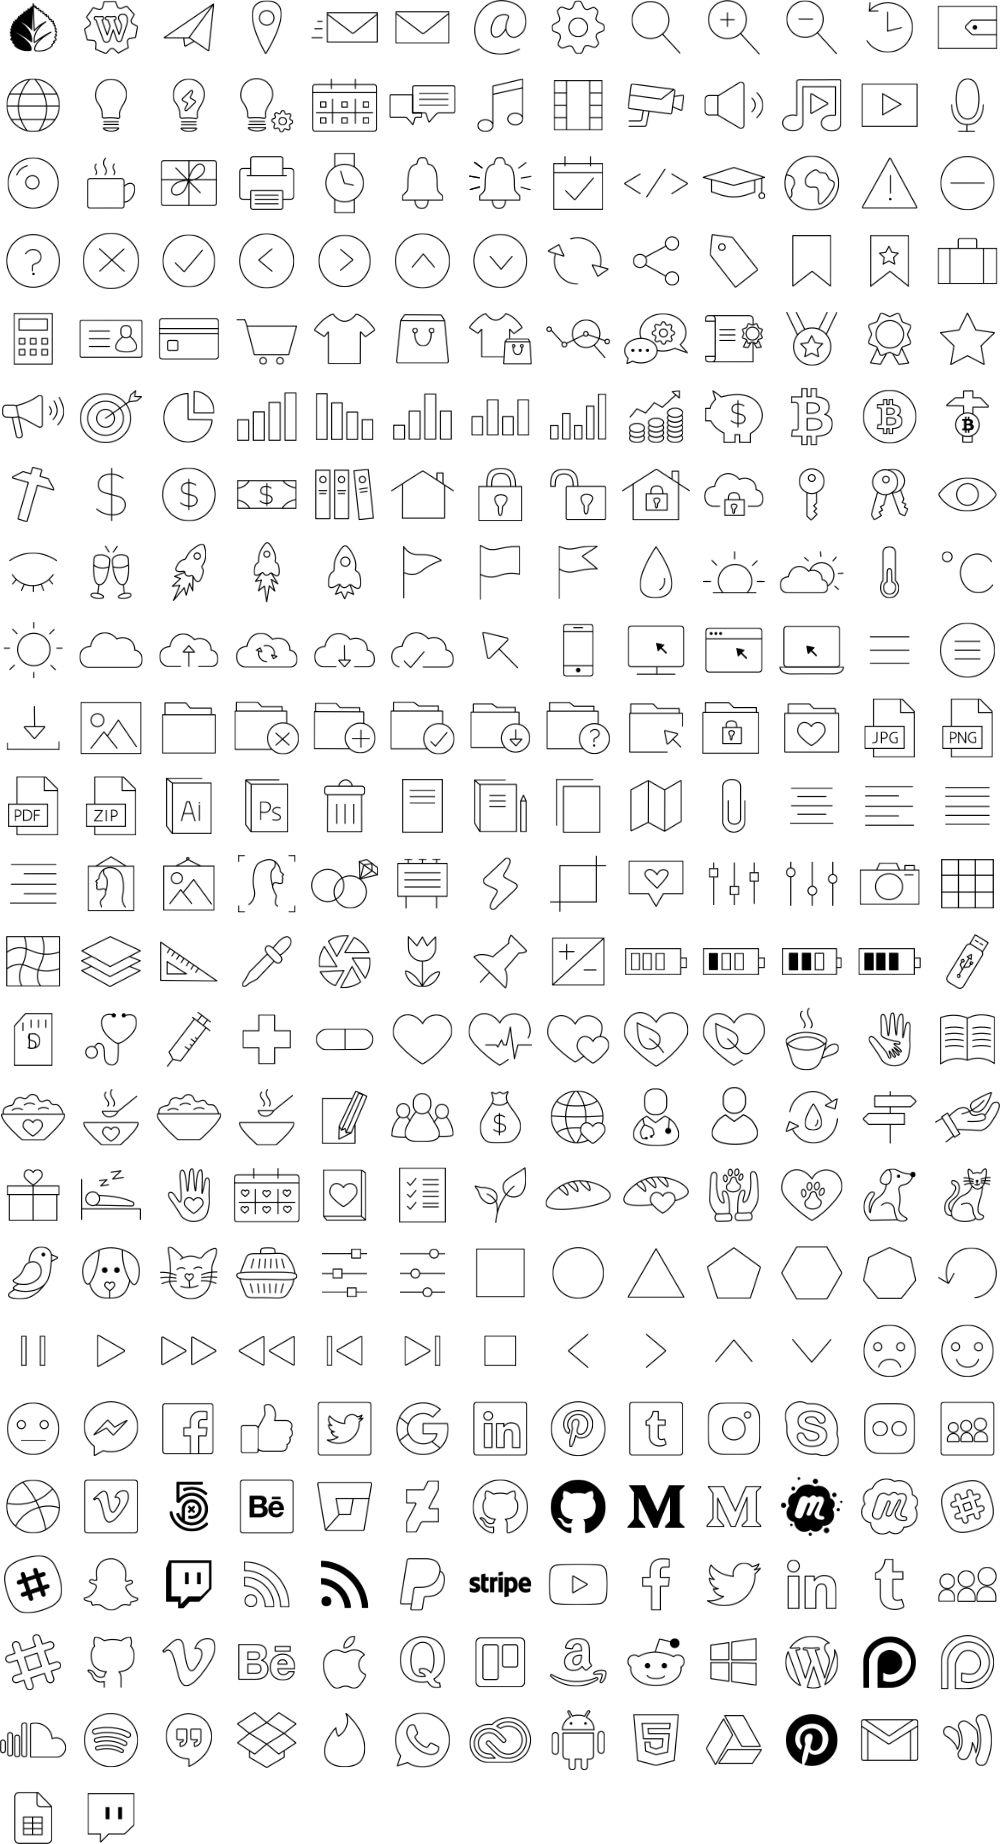 300 icônes gratuits pour Divi